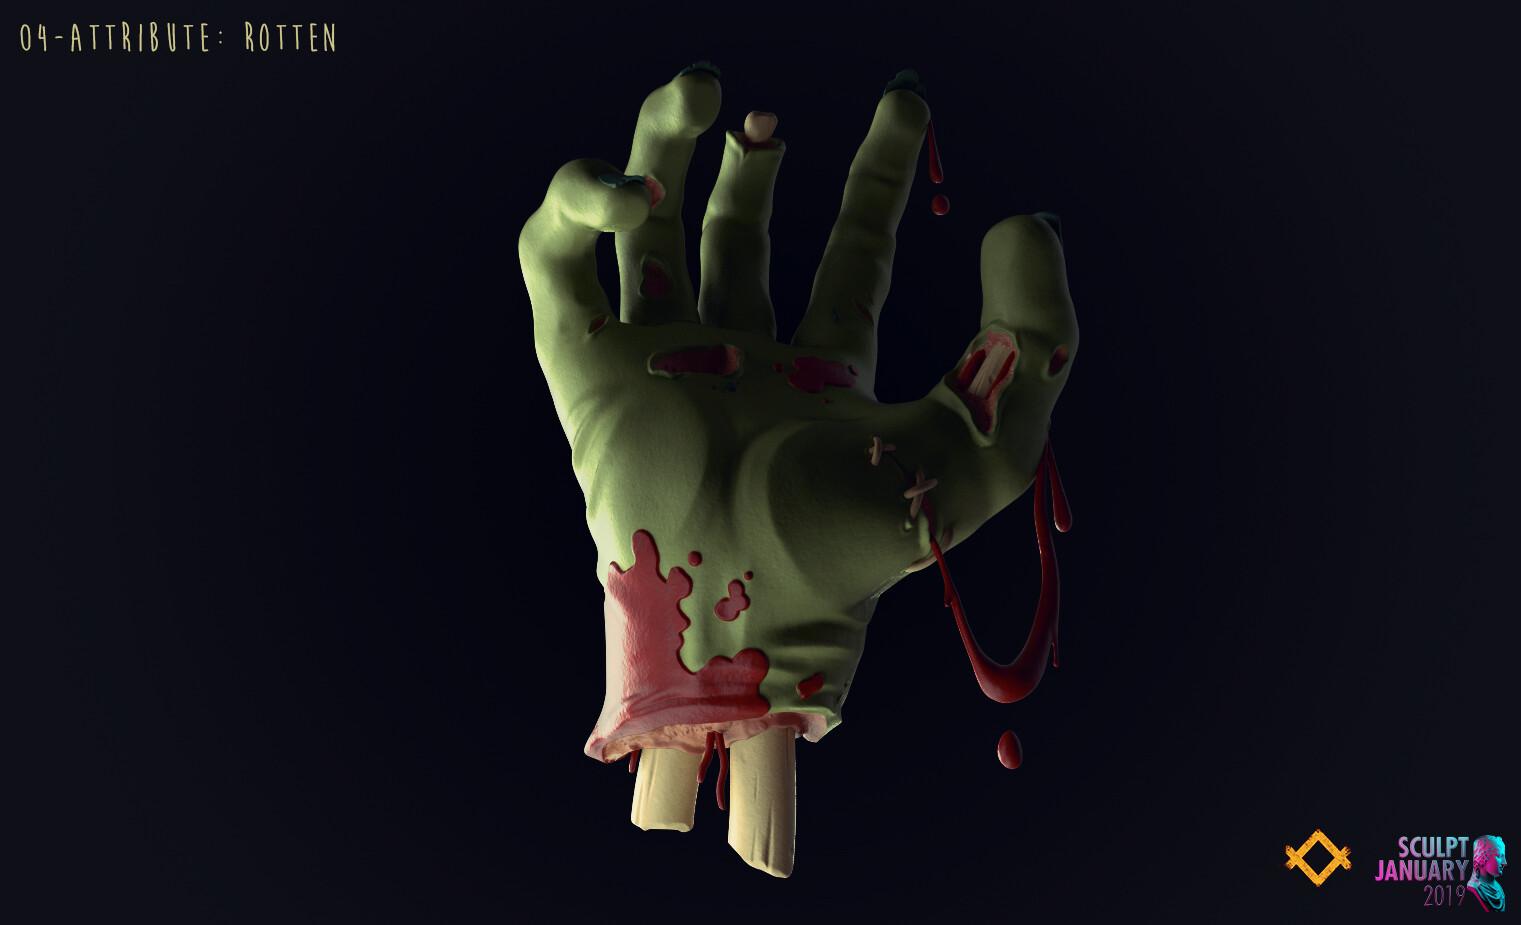 Based on https://graphicriver.net/item/zombie-hand/7899642?ref=evtheme&fbclid=IwAR0blP_3b_TCuc1y_U4oigrtmaH46_D_1xZazjZtaJWutUefvj5WGC74Huo